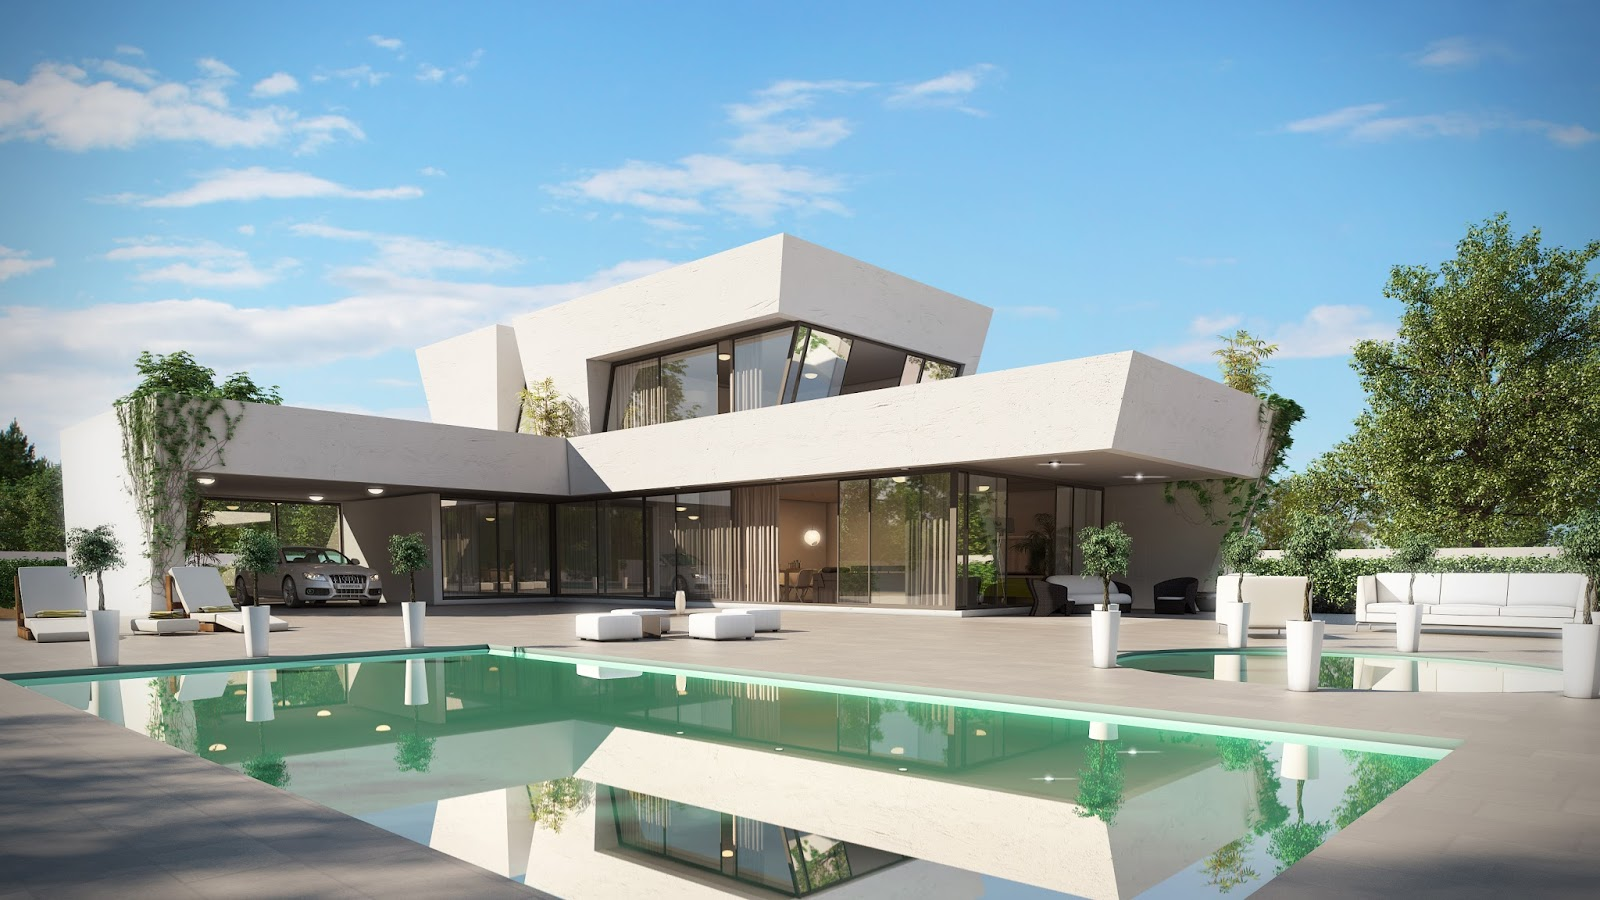 Adelante d dise o casas modernas casas ecoeficientes - Casas diseno moderno ...